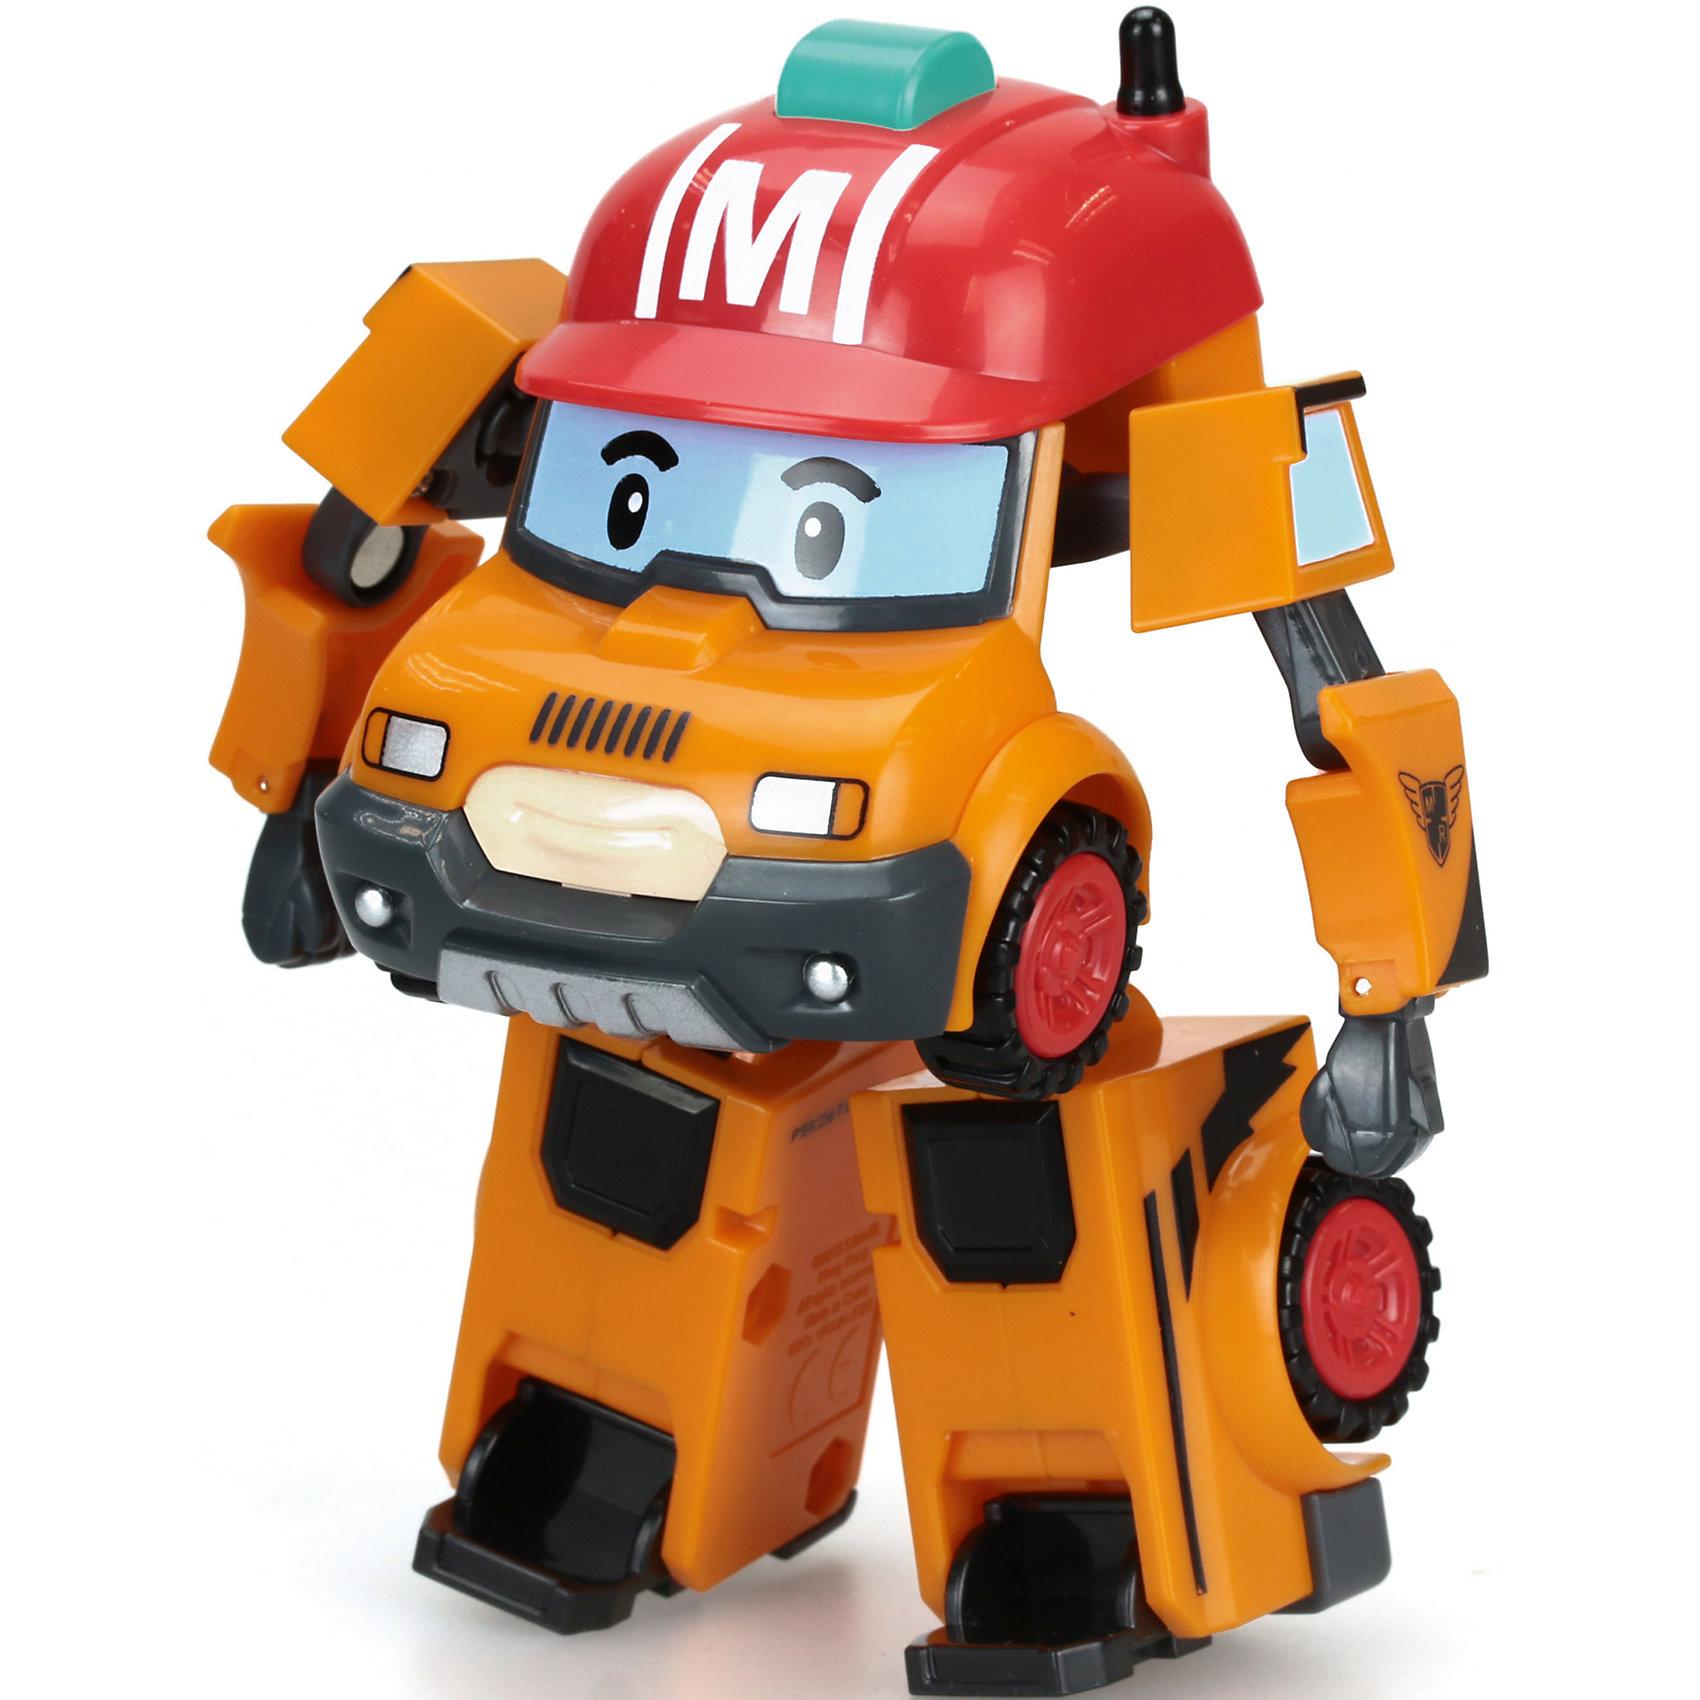 Марк трансформер, 10 см, Робокар полиИгровые наборы<br>Трансформер Марк, 10 см, Робокар Поли.<br><br>Характеристики:<br><br>- Материал: пластик<br>- Размер игрушки: 10 см.<br>- Упаковка: картонная коробка блистерного типа<br>- Размер упаковки: 12,7 x 12,7 x 16,5 см.<br>- Вес: 223 гр.<br><br>Игрушка выполнена в образе одного из славных жителей городка Брумстаун – члена горноспасательной команды по имени Марк. У игрушки тщательно проработана каждая характерная для героя деталь: ярко-красная кепка на крыше, имитация глаз на лобовом стекле и рот на радиаторной решетке. Колеса подвижные, машинка преодолевают препятствия на пути благодаря рельефным протекторам на их поверхности. Марк умеет за несколько секунд превращаться в робота, стоит только трансформировать кузов в подвижные конечности. Игрушка выполнена из качественного пластика, все её элементы имеют яркую окраску.<br><br>Трансформера Марк, 10 см, Робокар Поли можно купить в нашем интернет-магазине.<br><br>Ширина мм: 127<br>Глубина мм: 127<br>Высота мм: 172<br>Вес г: 268<br>Возраст от месяцев: 36<br>Возраст до месяцев: 84<br>Пол: Мужской<br>Возраст: Детский<br>SKU: 4632757